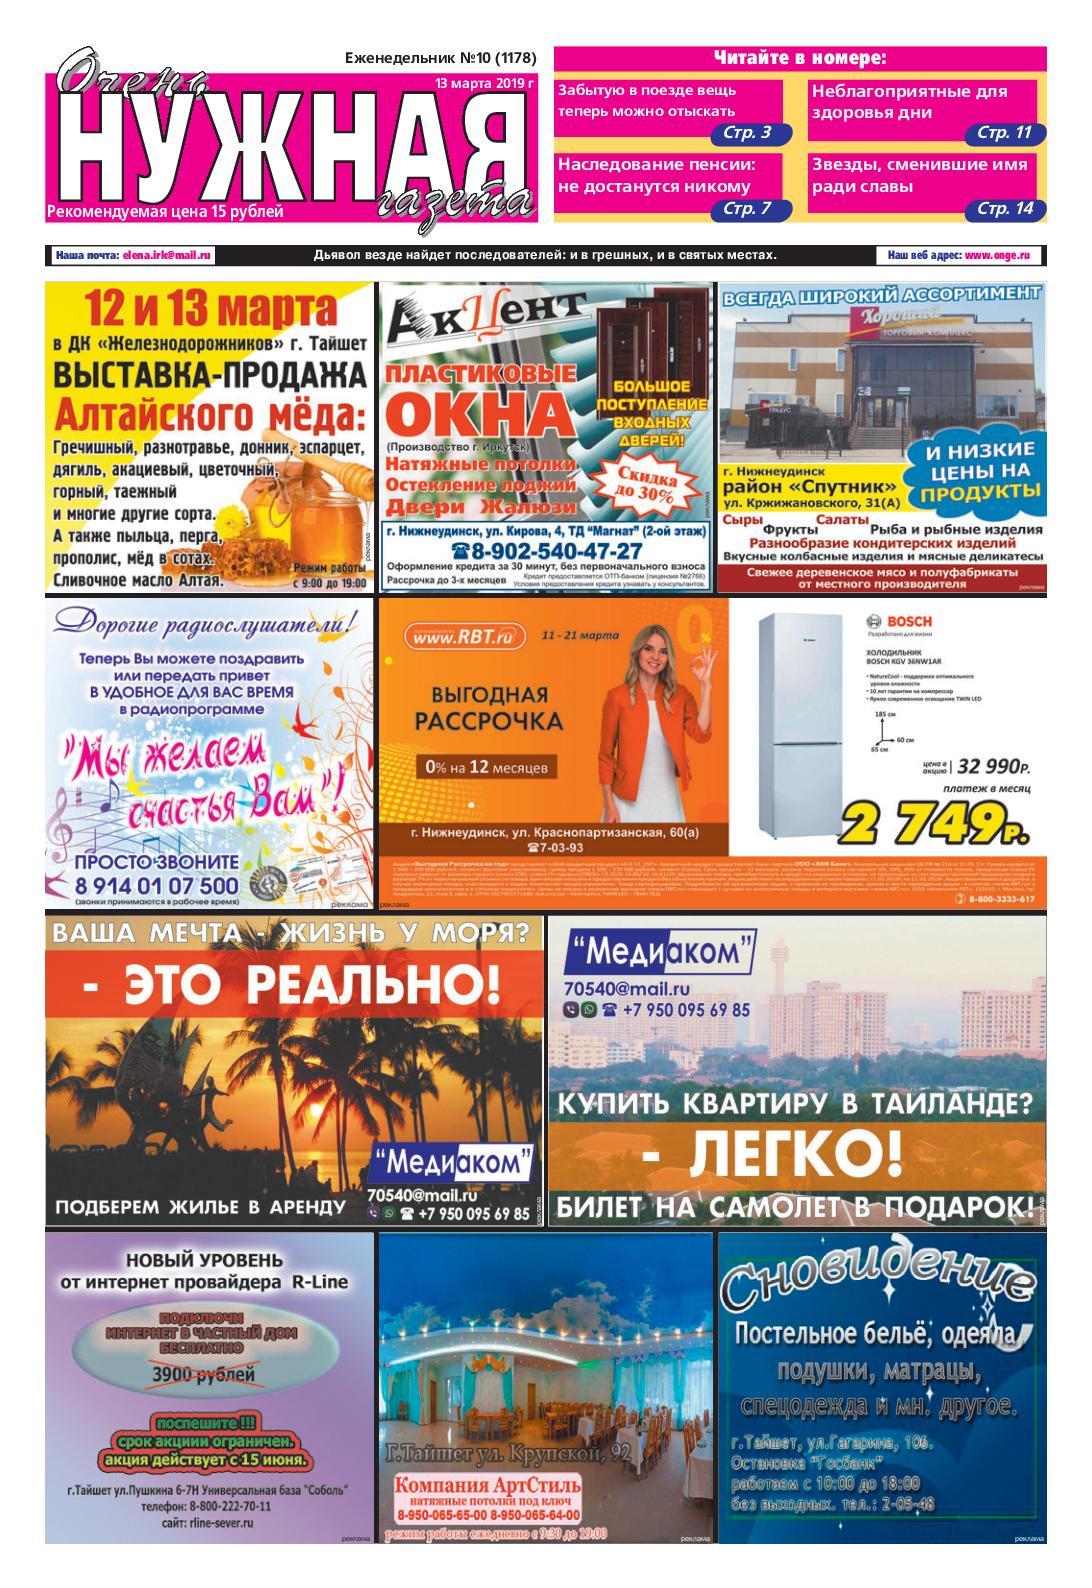 Декольте Татьяны Овсиенко На Концерте «75-Лет Гибдд»